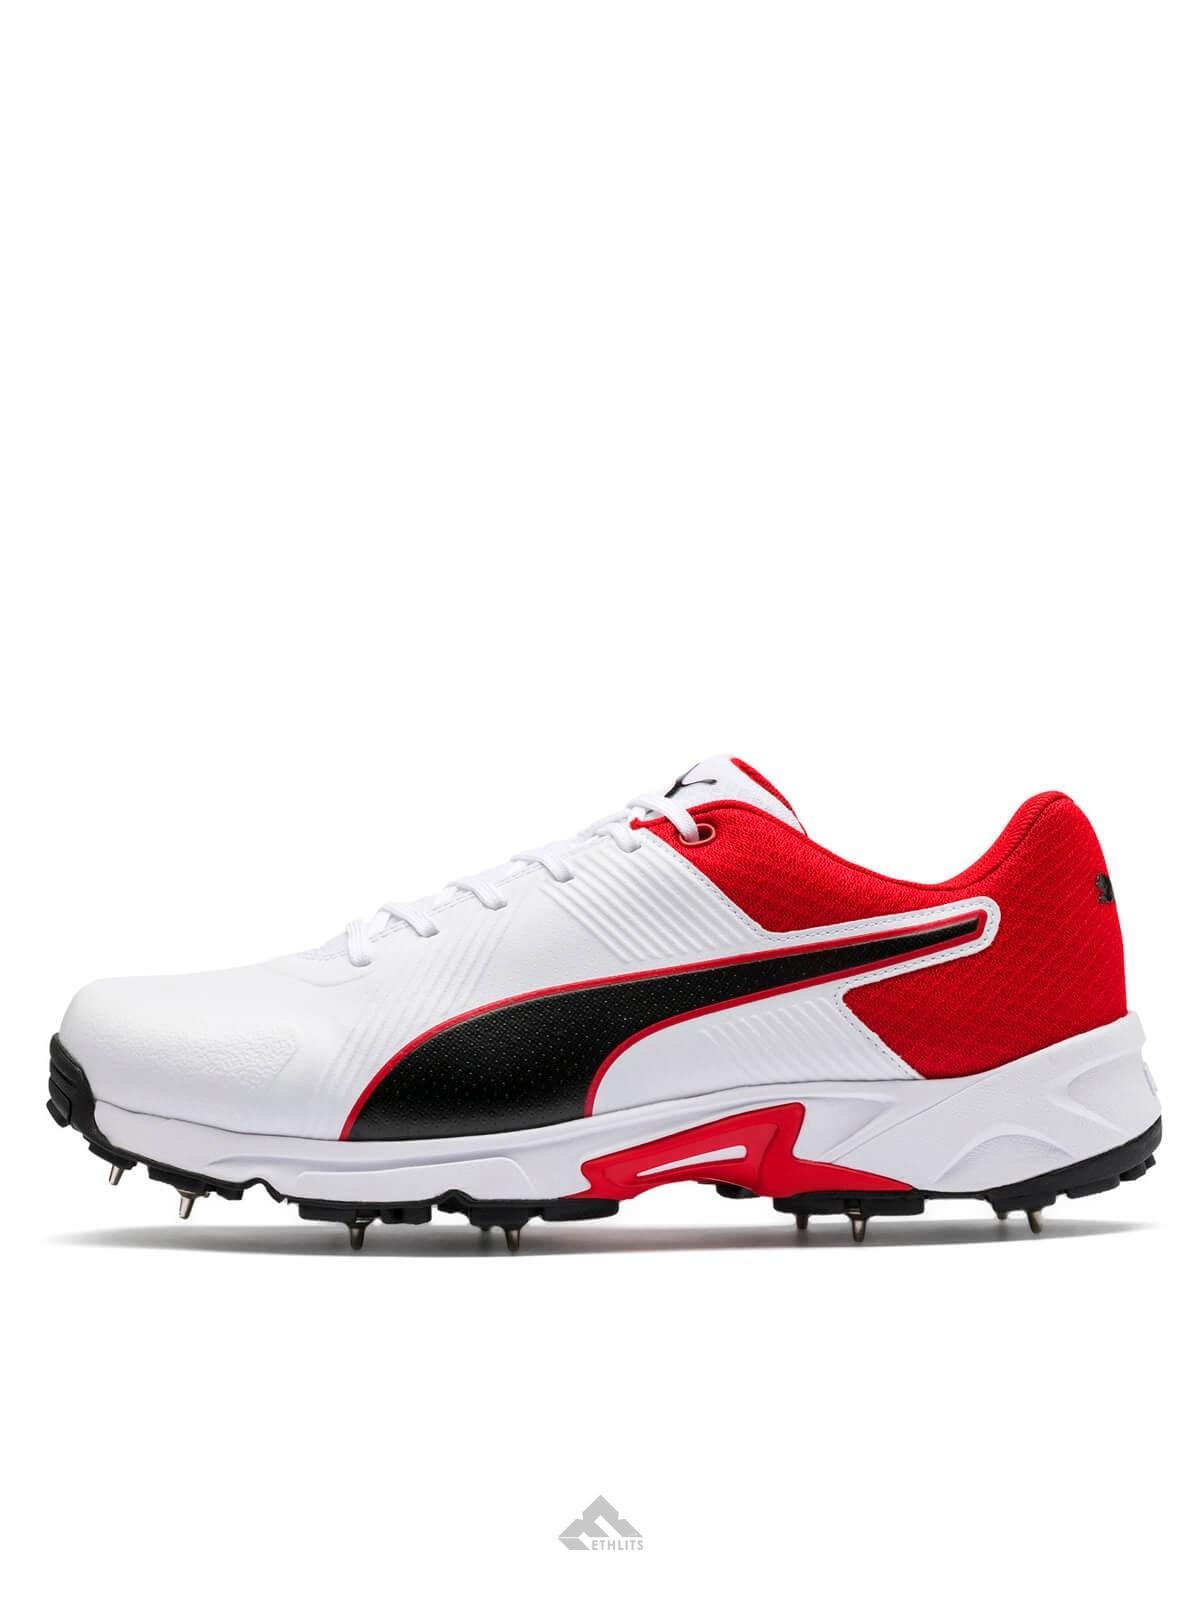 spike shoes puma